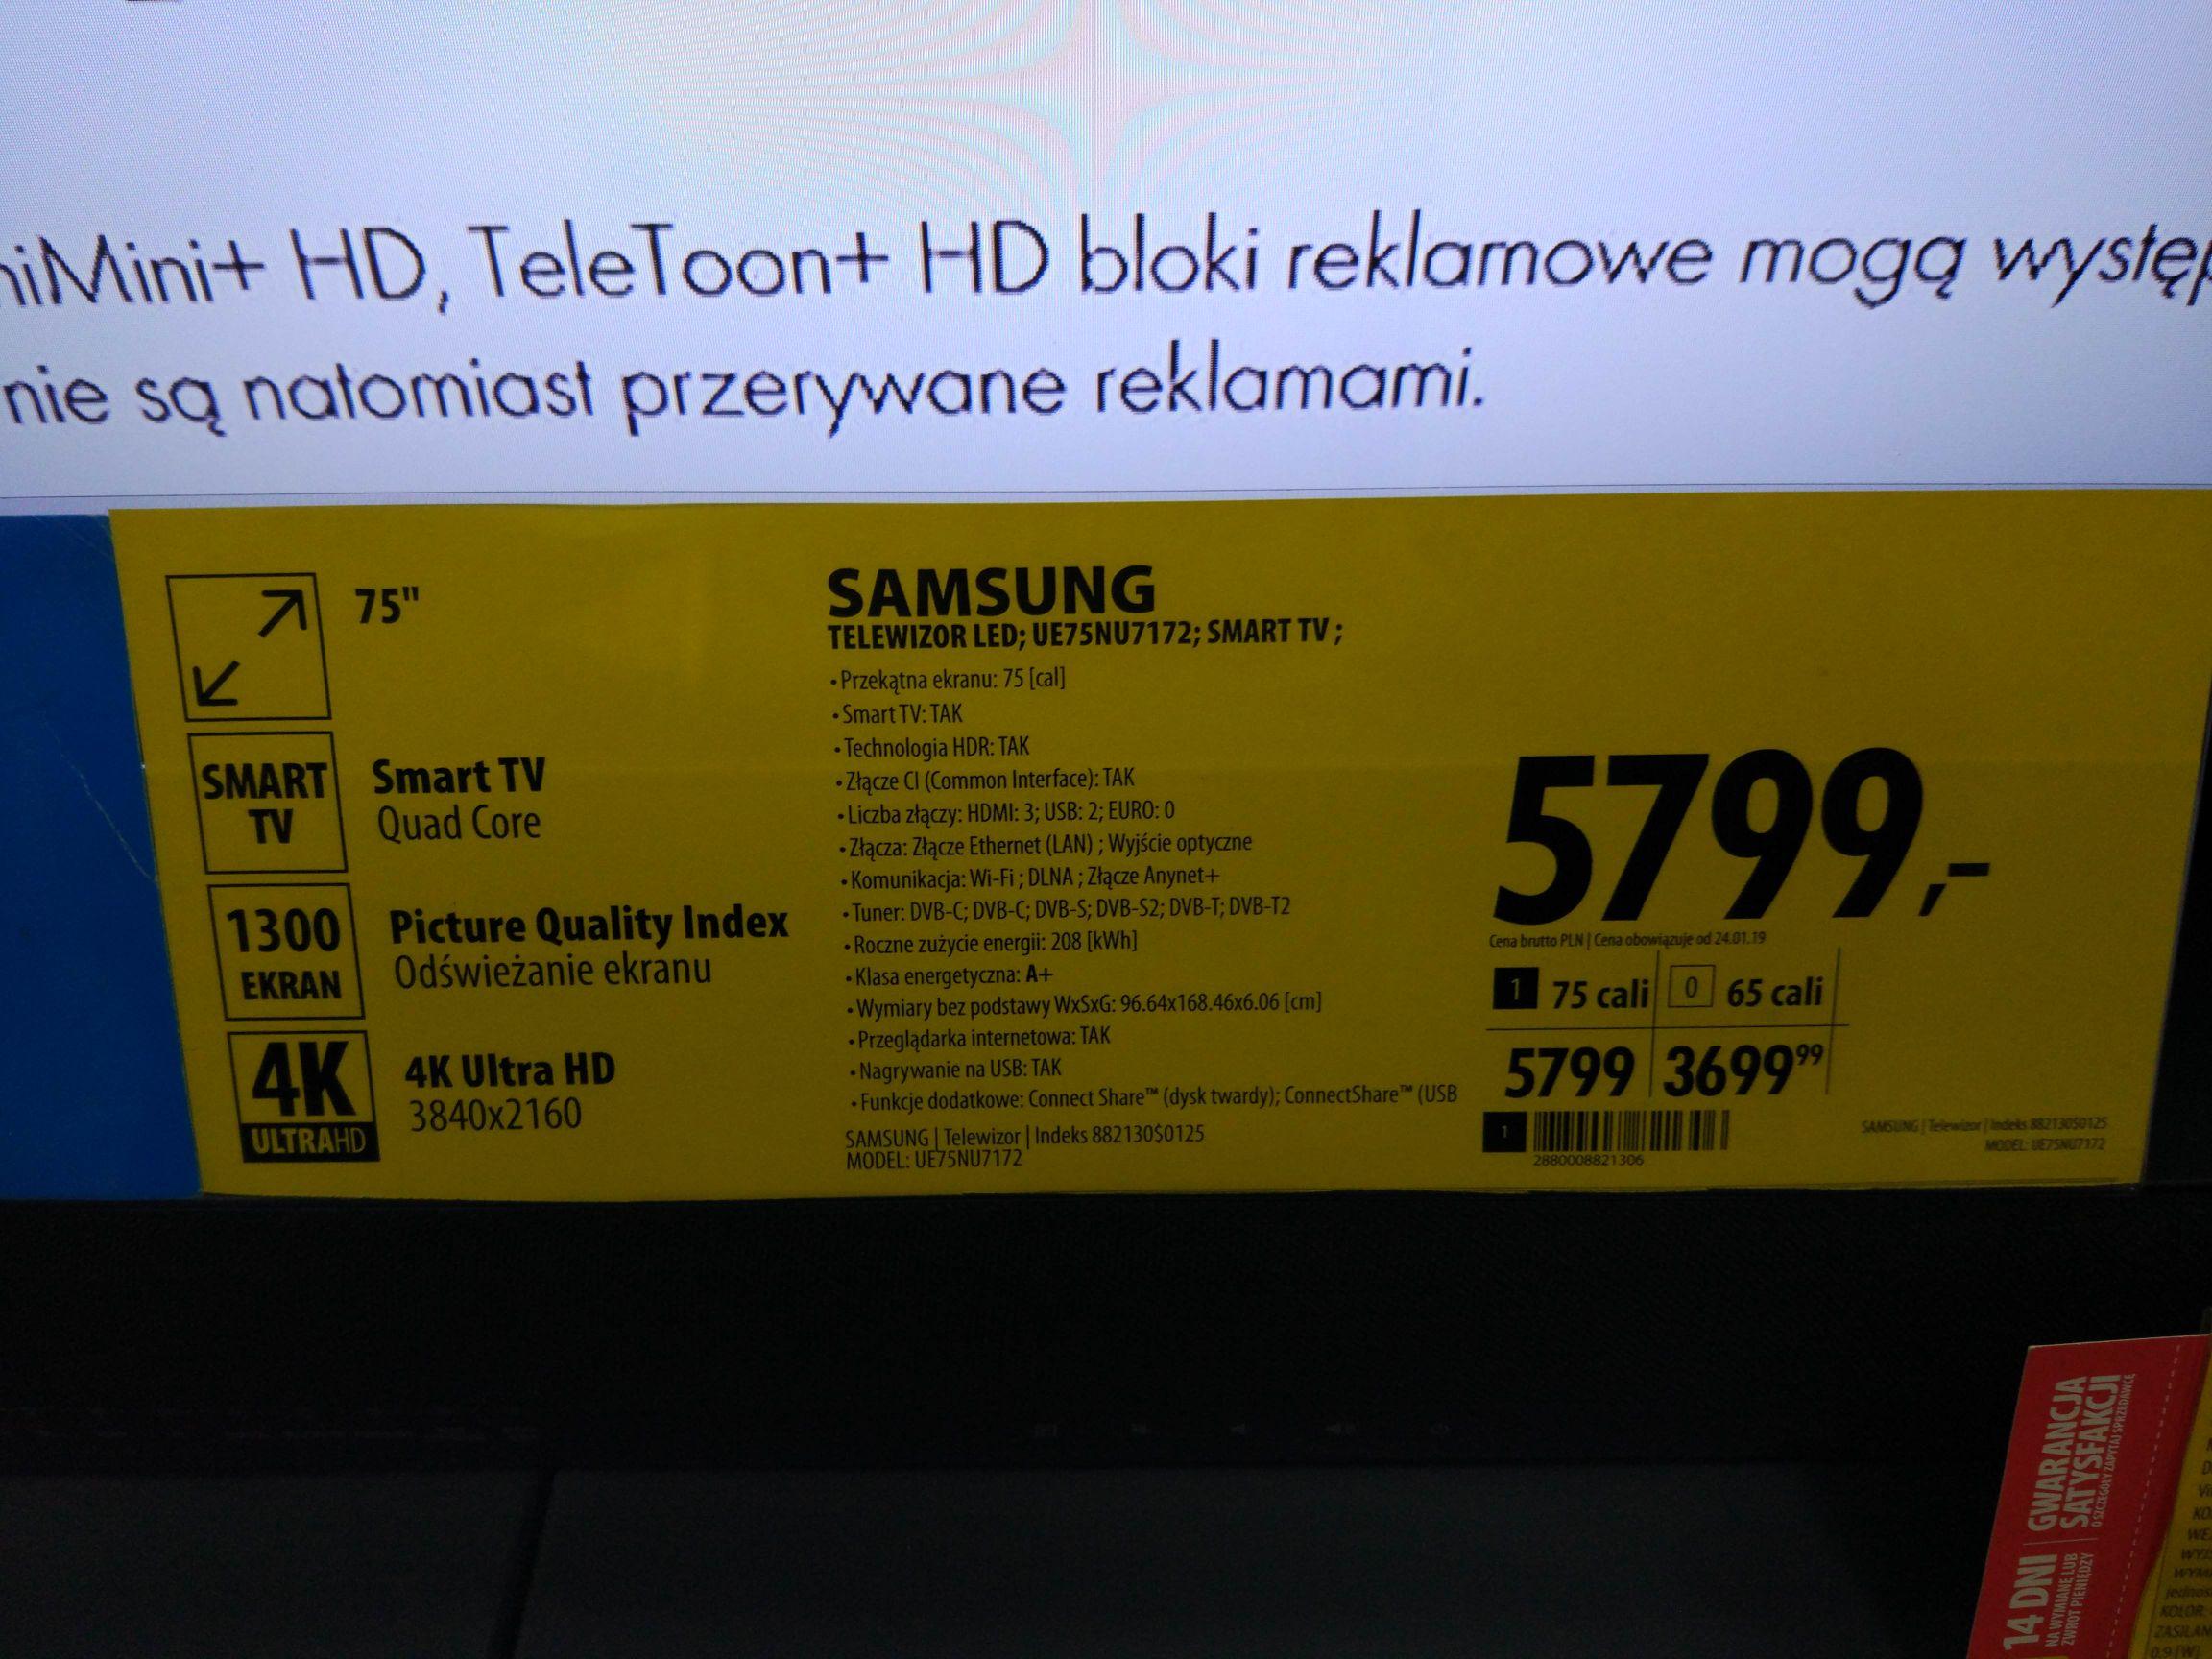 UE75NU7172 5799zl-800zl(od ceny na cenowce) Mielec Media Expert